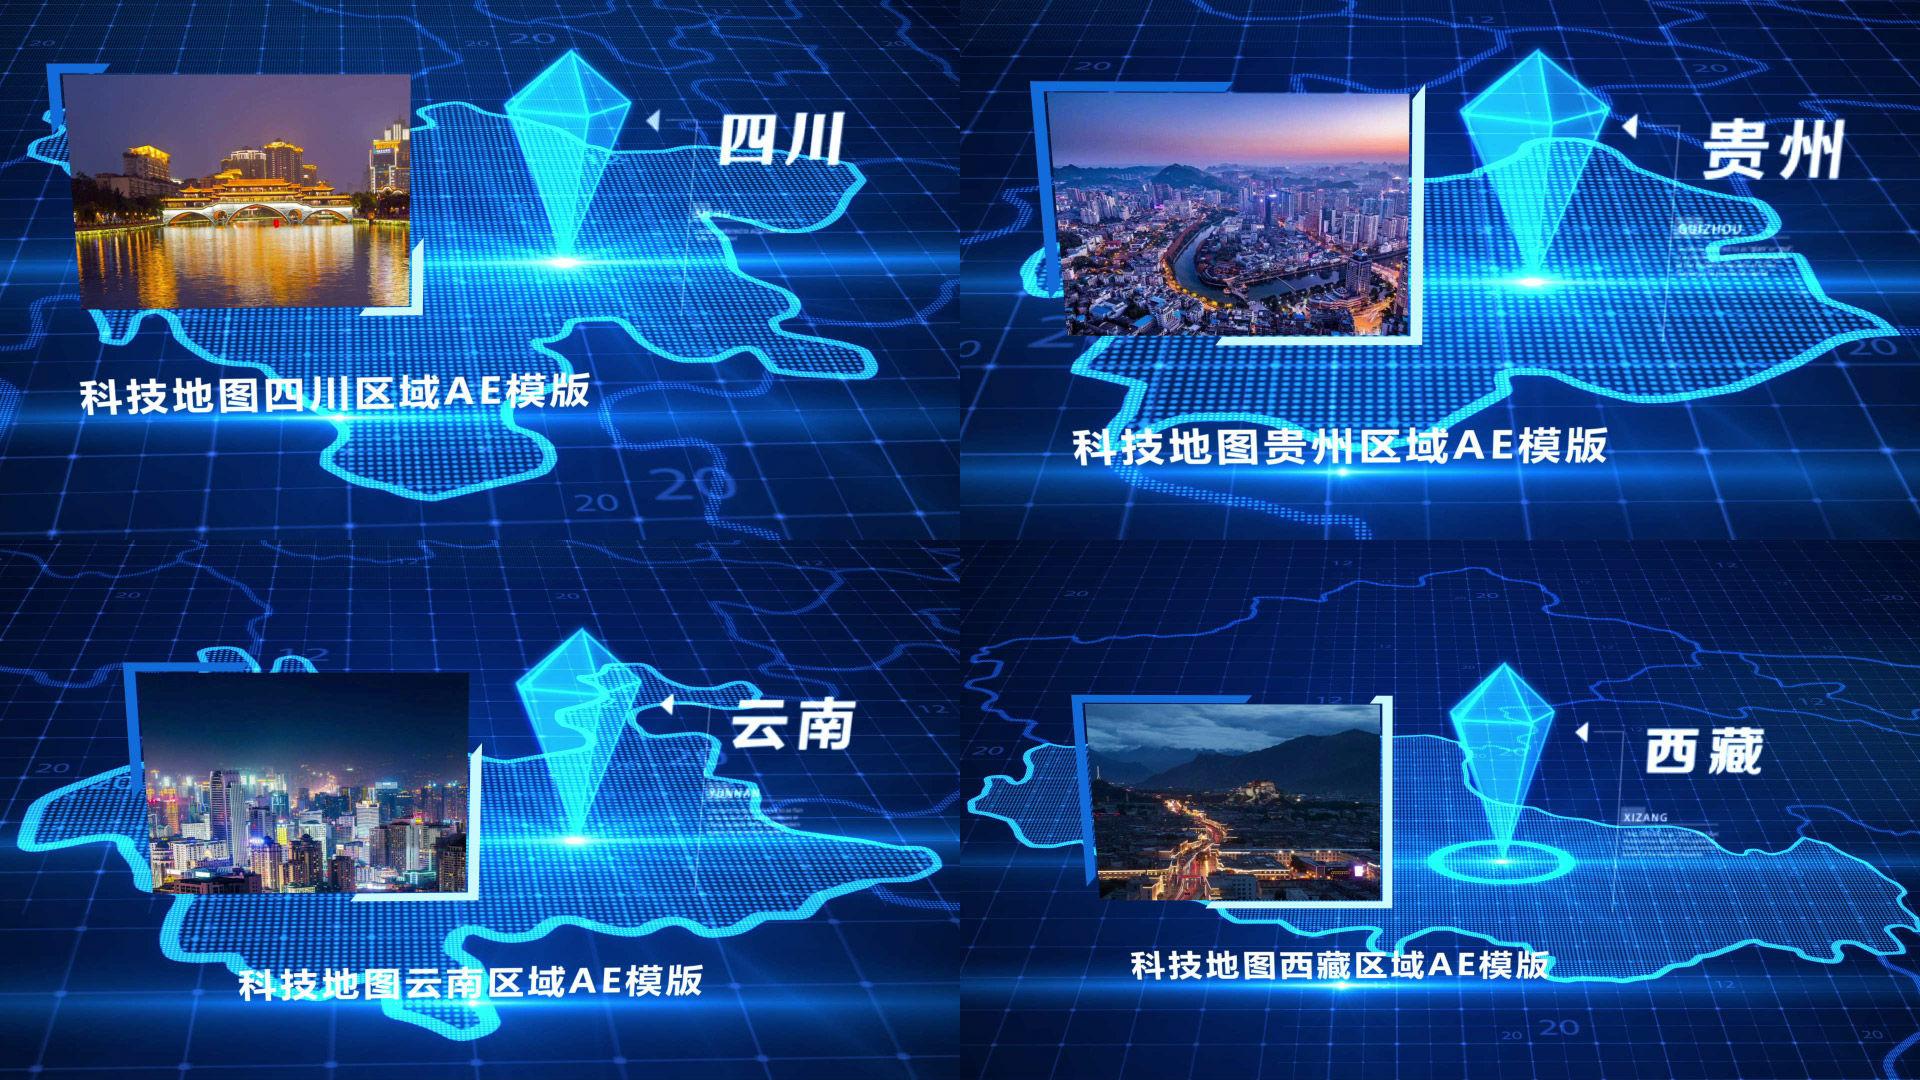 科技地图区域展示AE模板